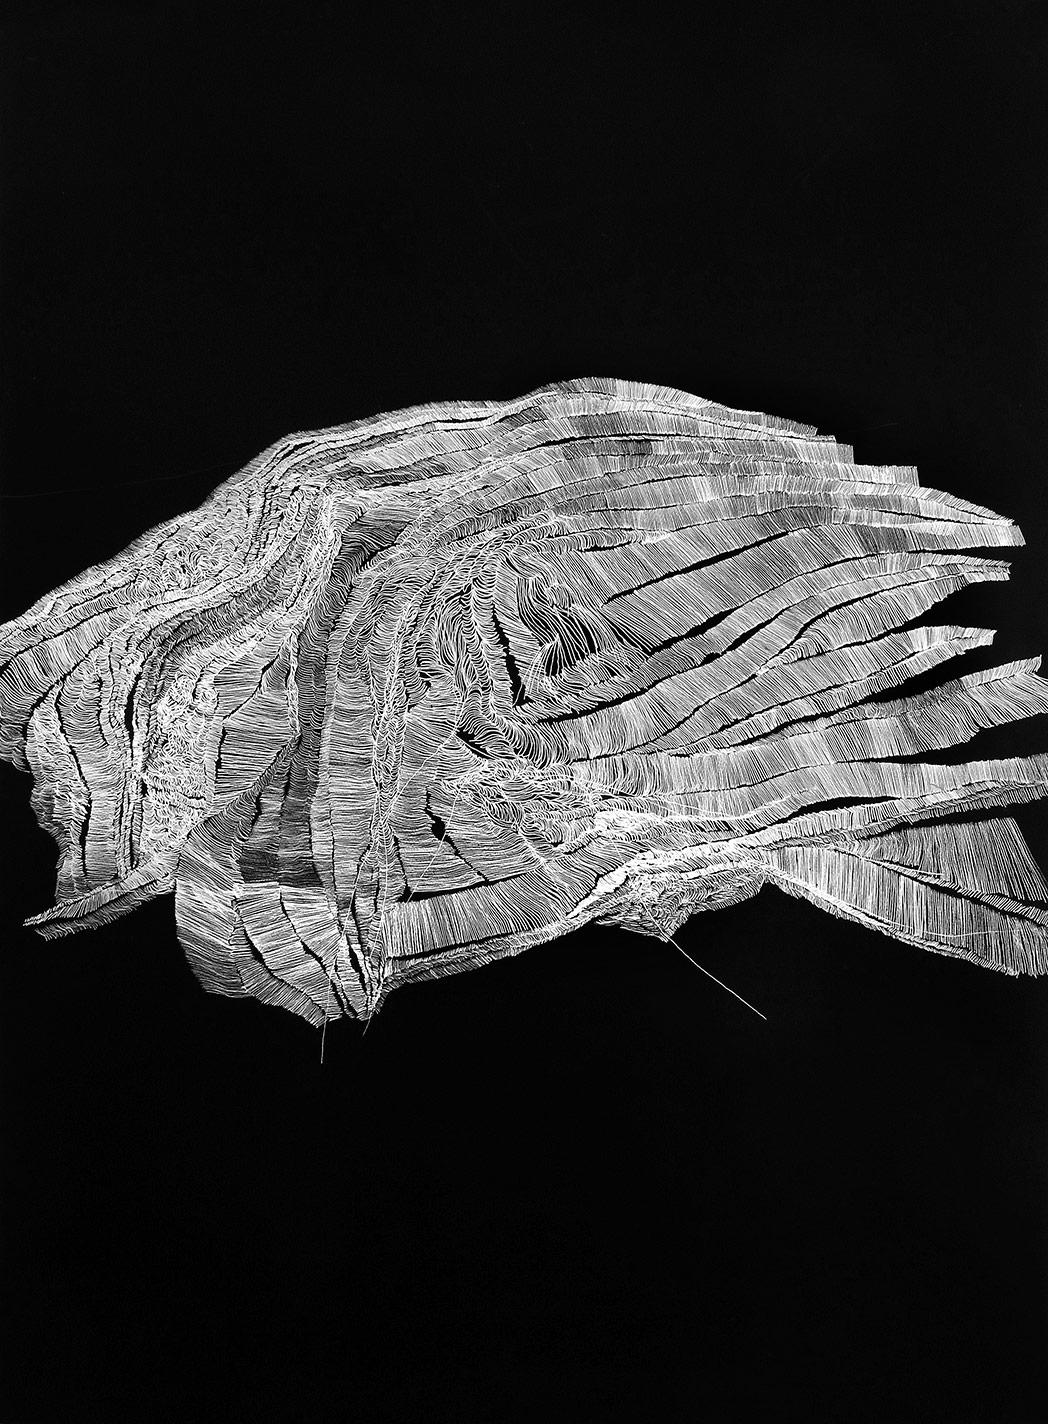 Tectónica del espacio, 2015. Temple Vinilico, rotulador de plata sobre papel. 140 x 100 cm